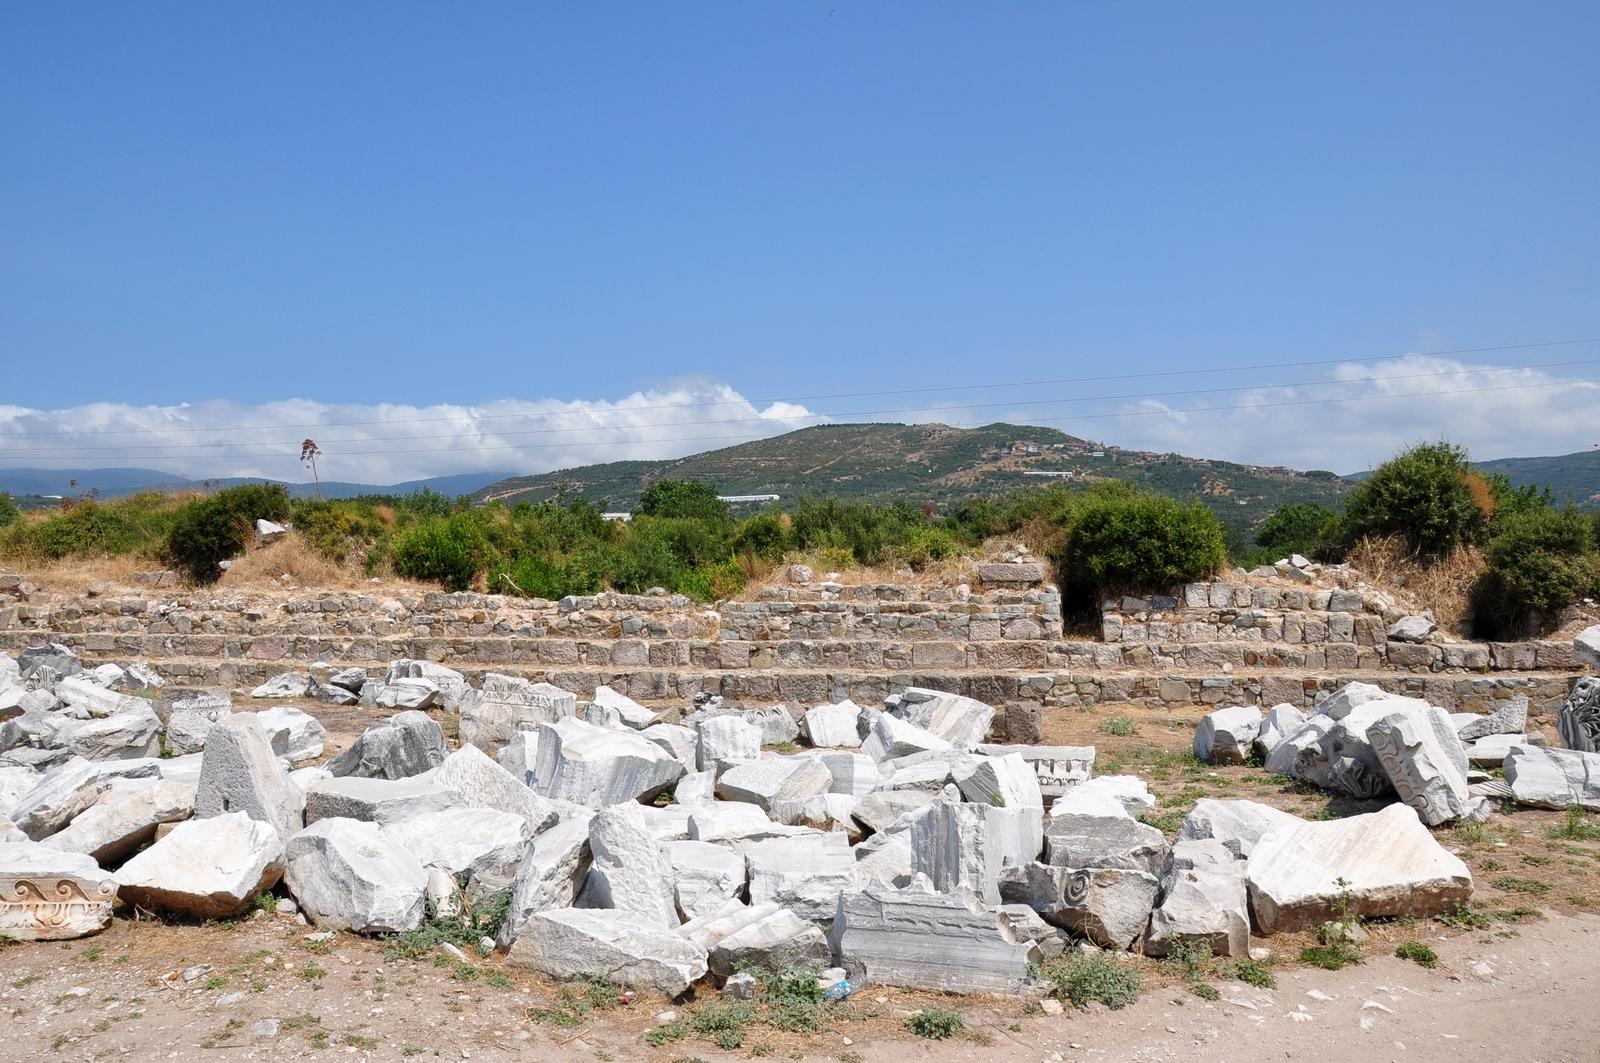 اطلال مدينة سيزيكوس القديمة